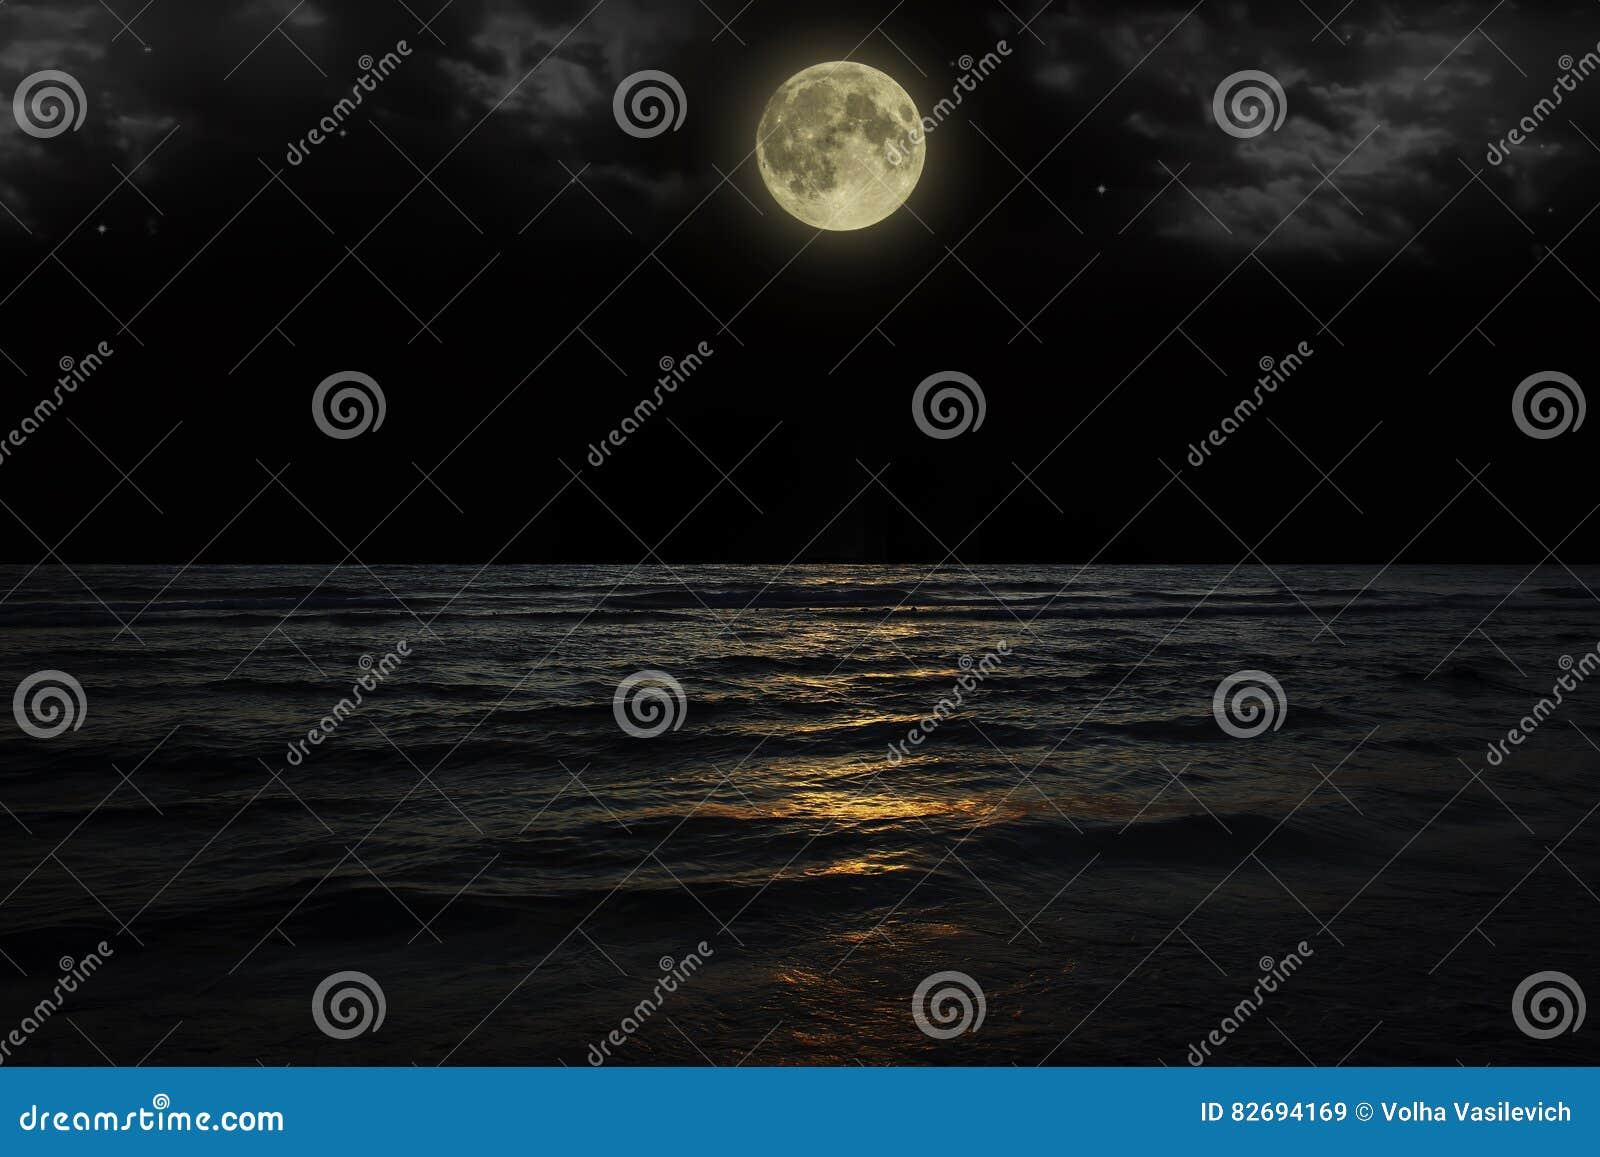 El cielo nocturno azul mágico hermoso con las nubes y la Luna Llena protagoniza la reflexión en agua